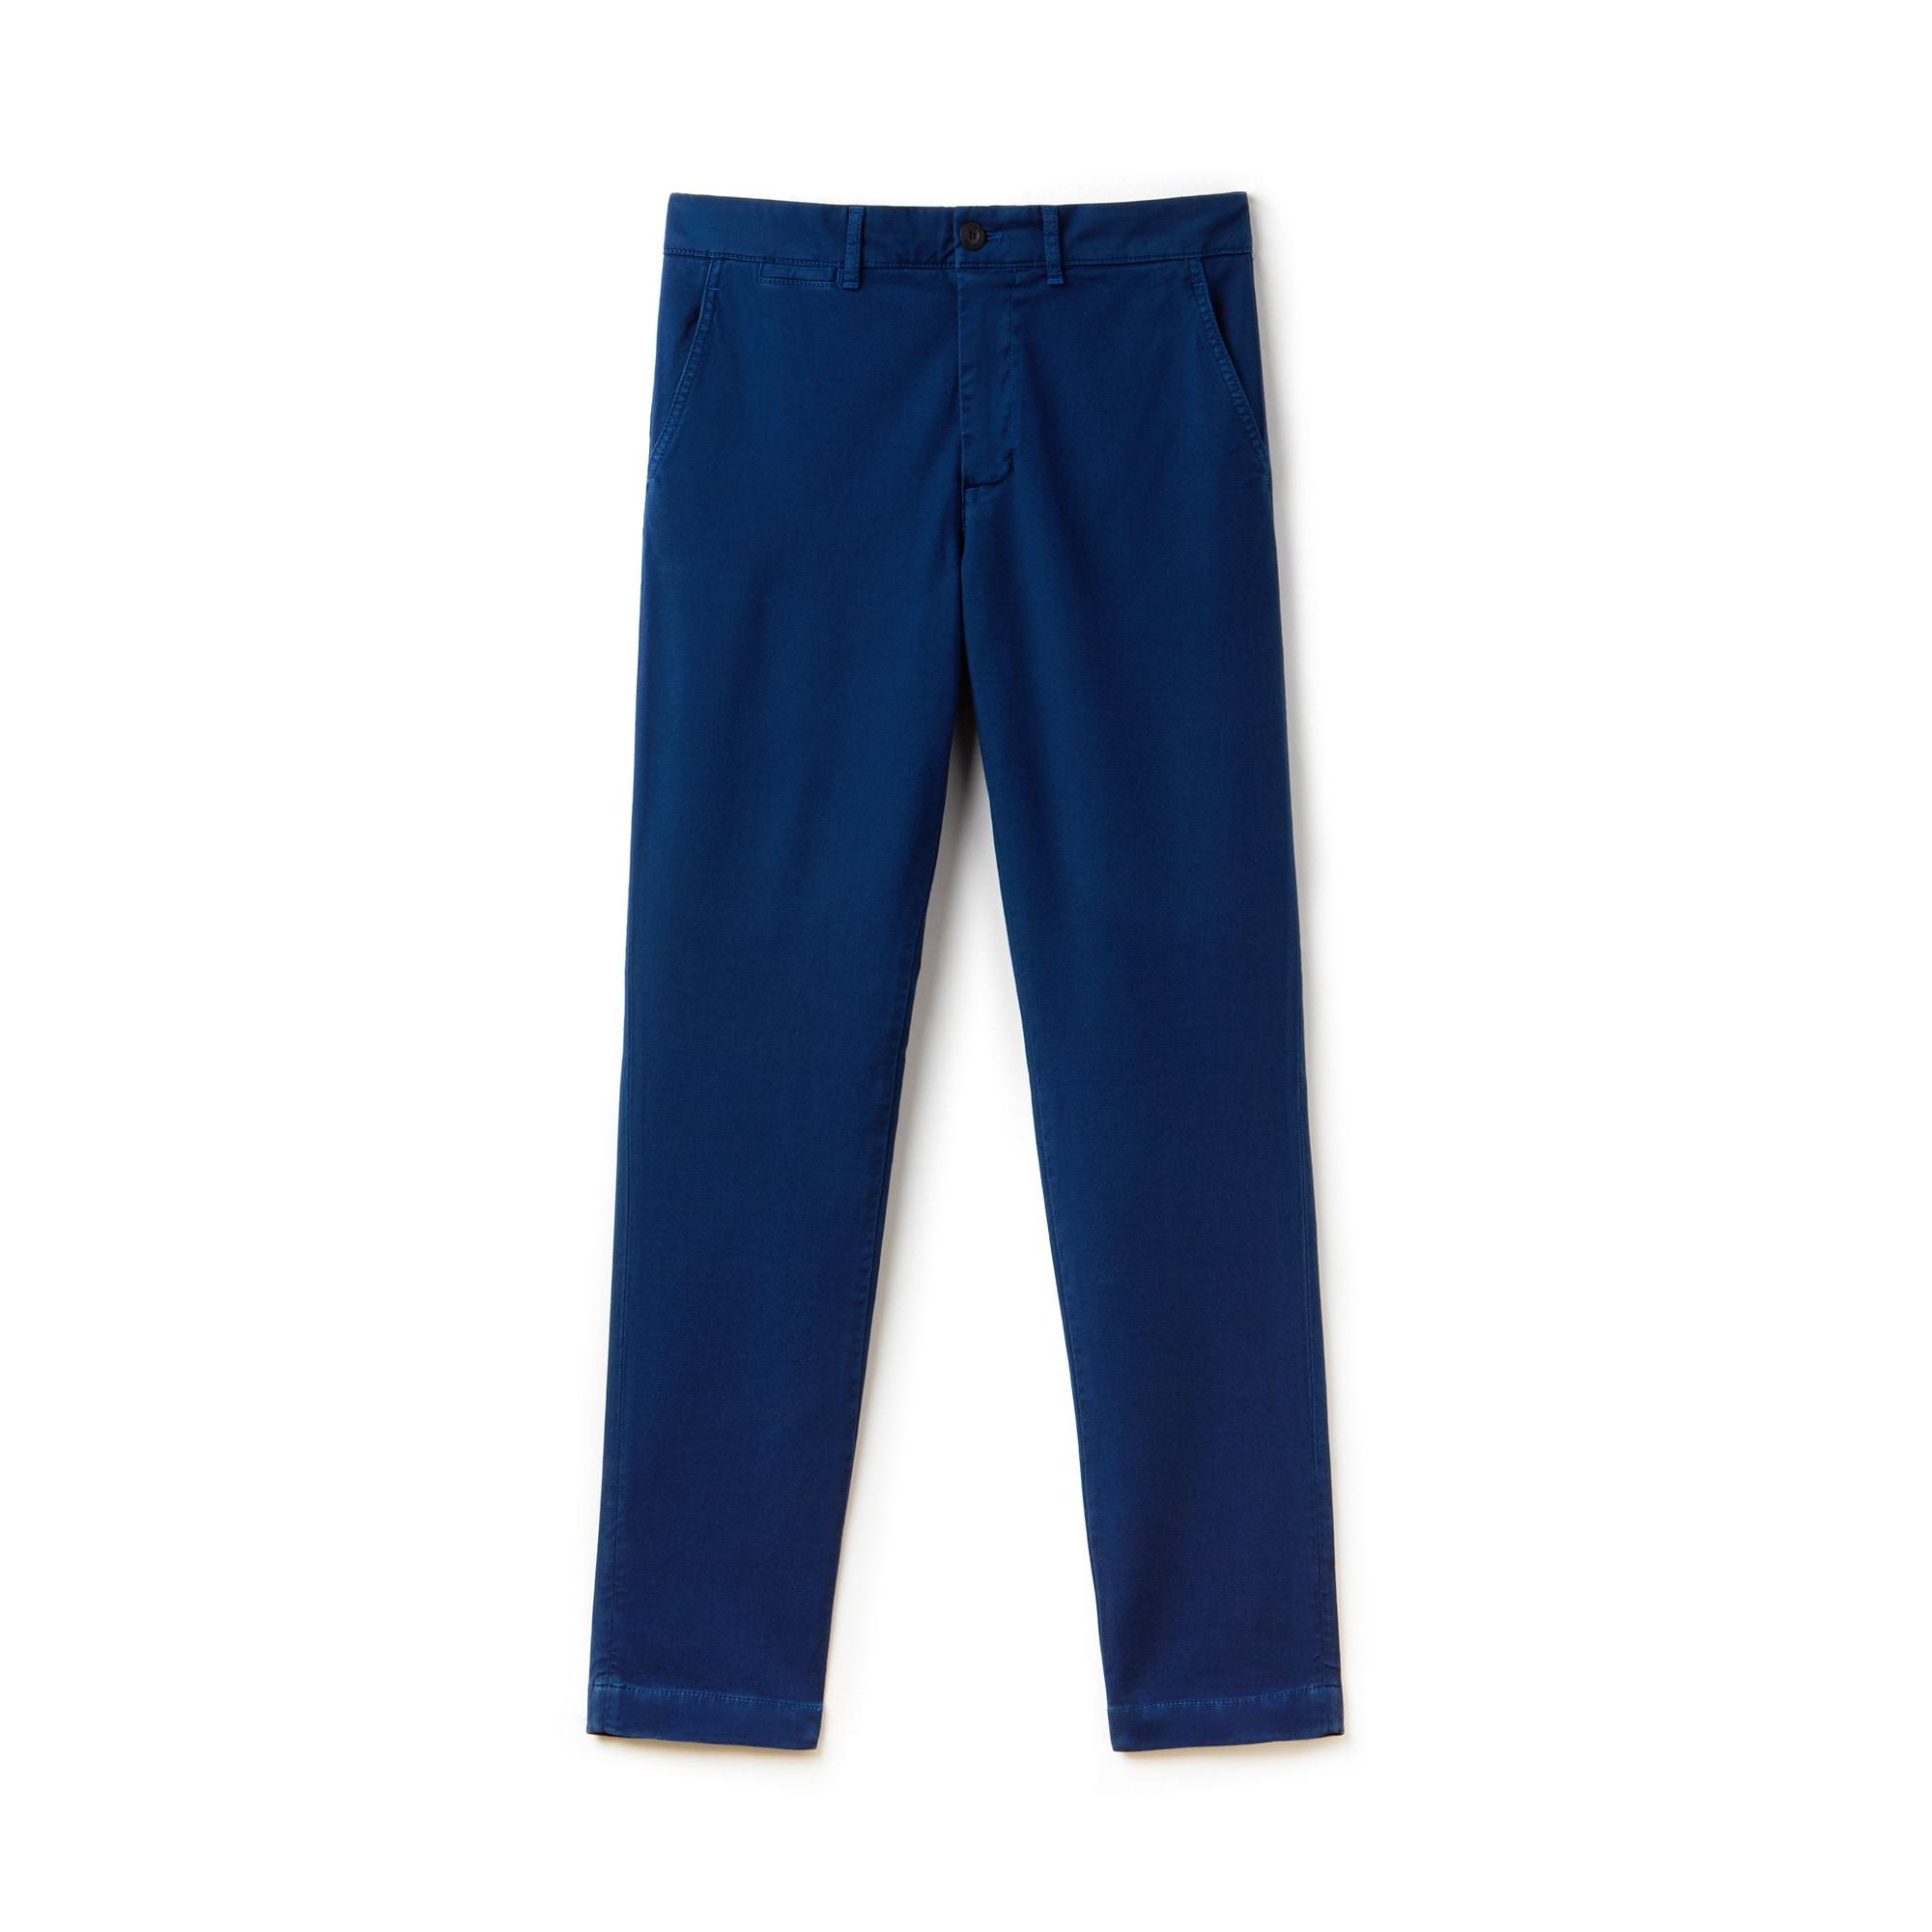 Calças chino slim fit em algodão stretch texturado